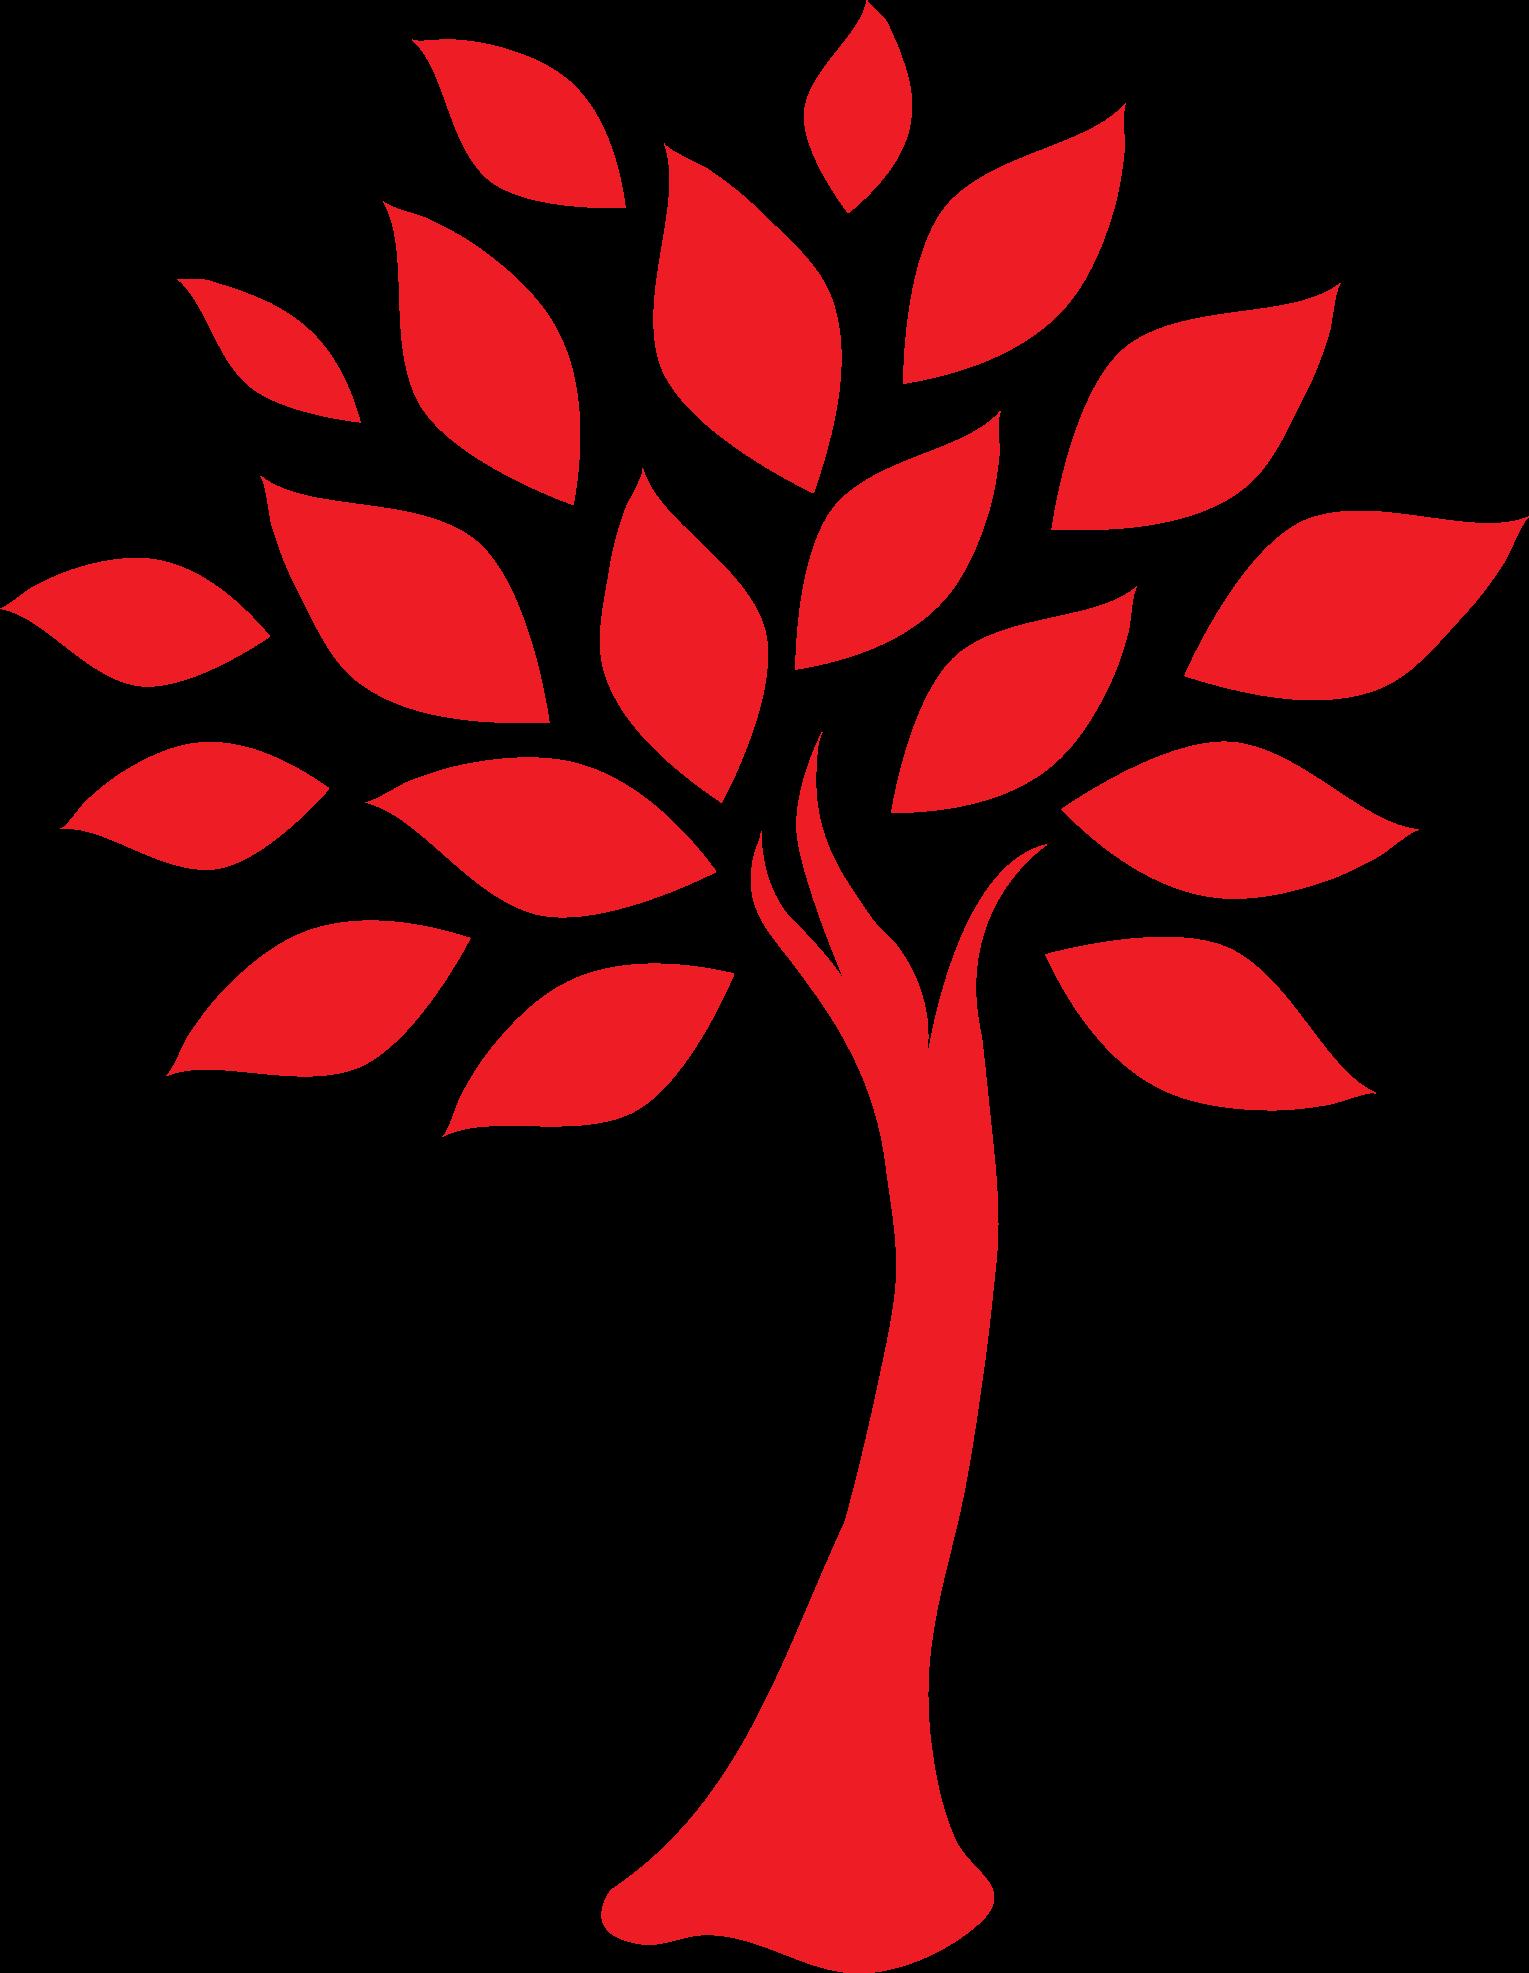 Ecole L'Arbre Rouge